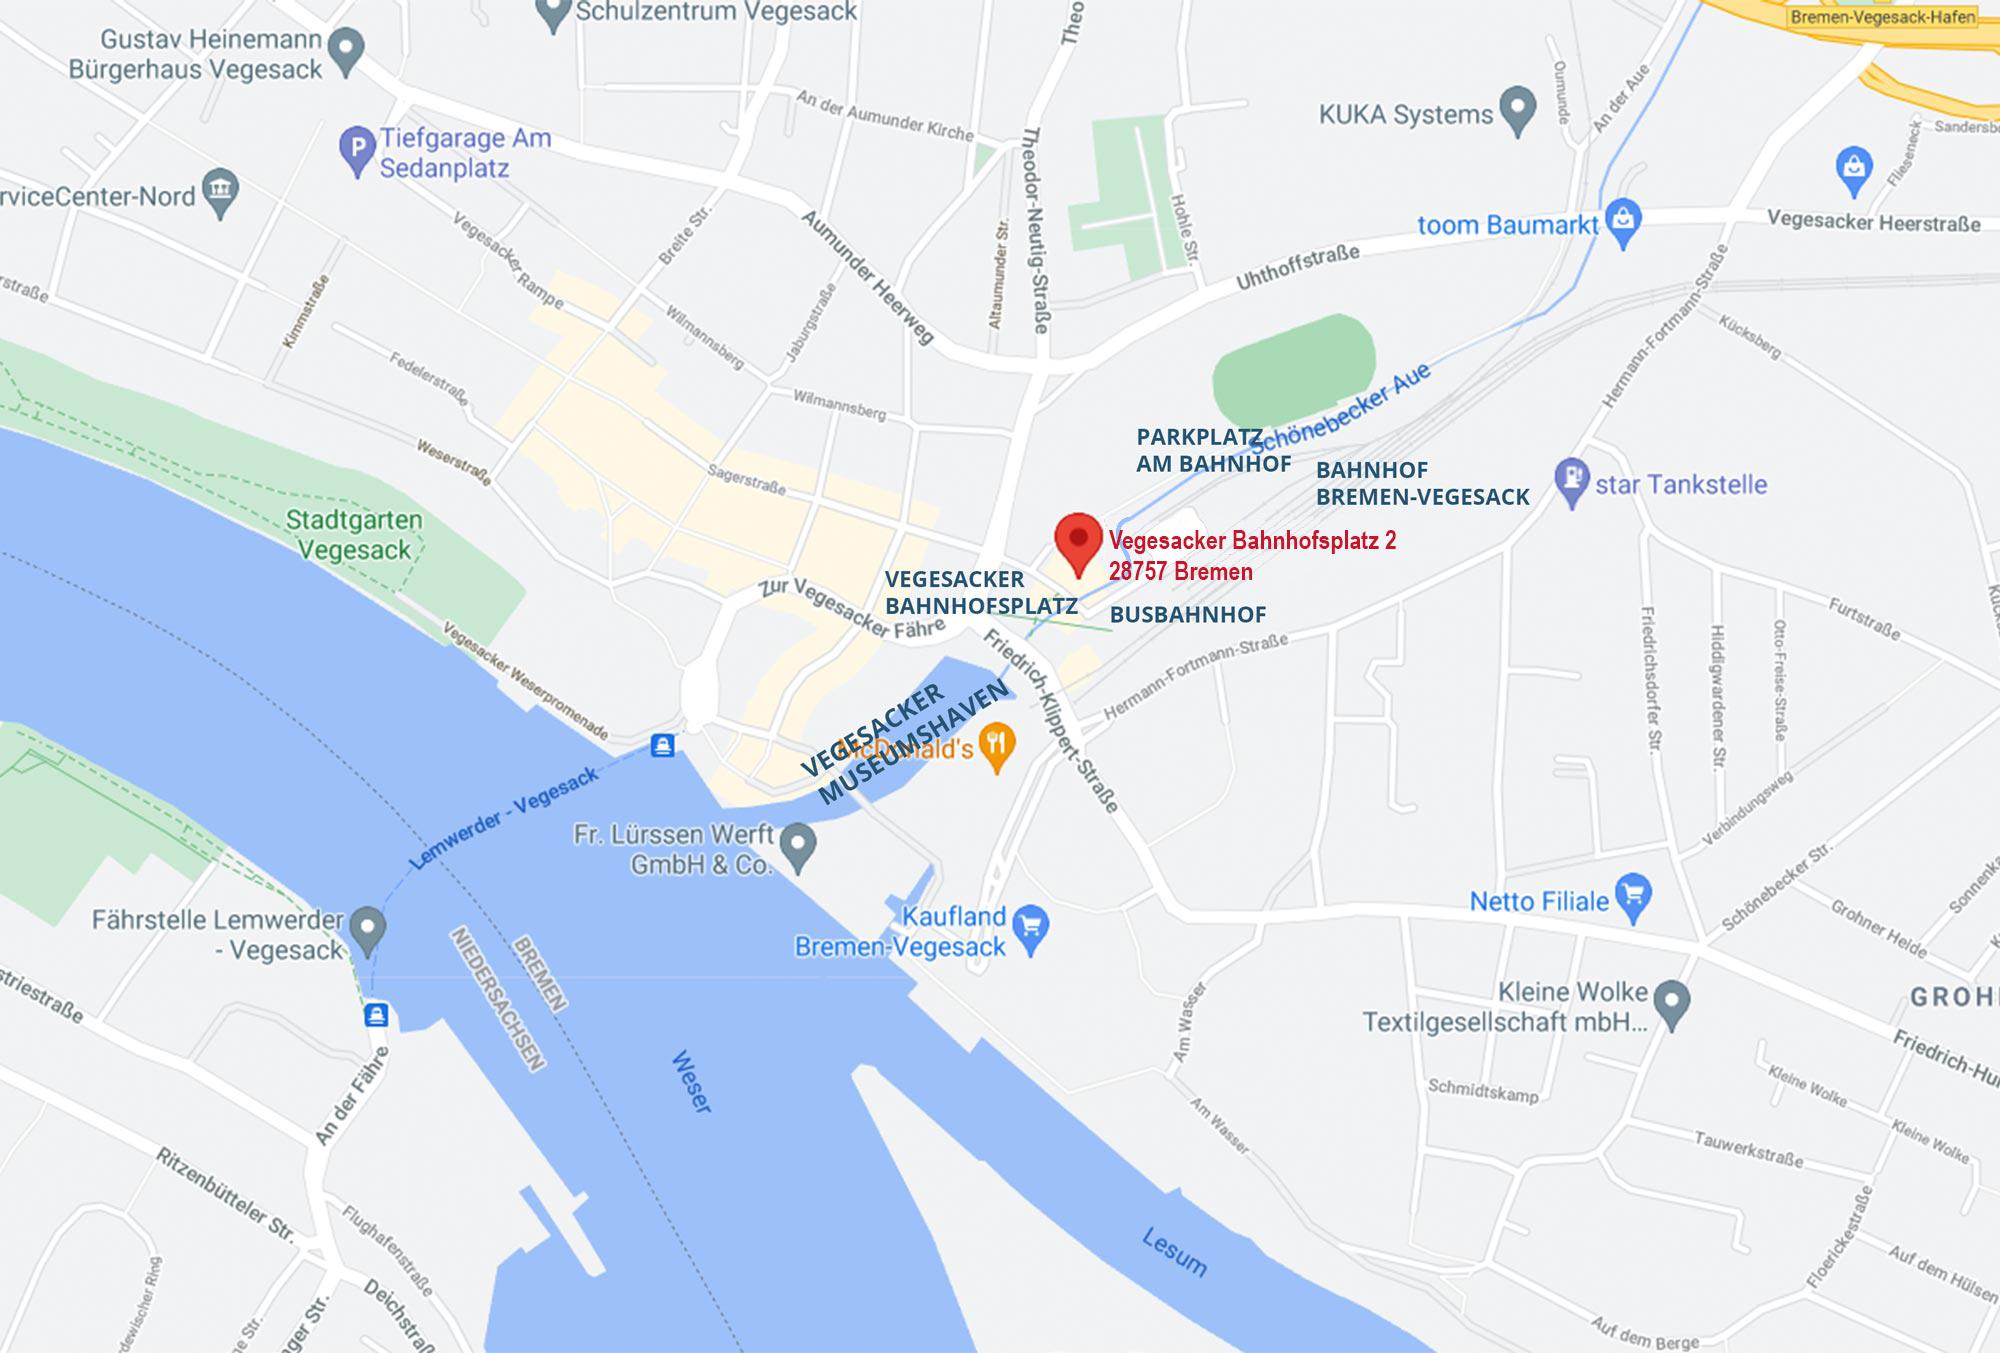 googlemaps_karte_mit_zusaetzen